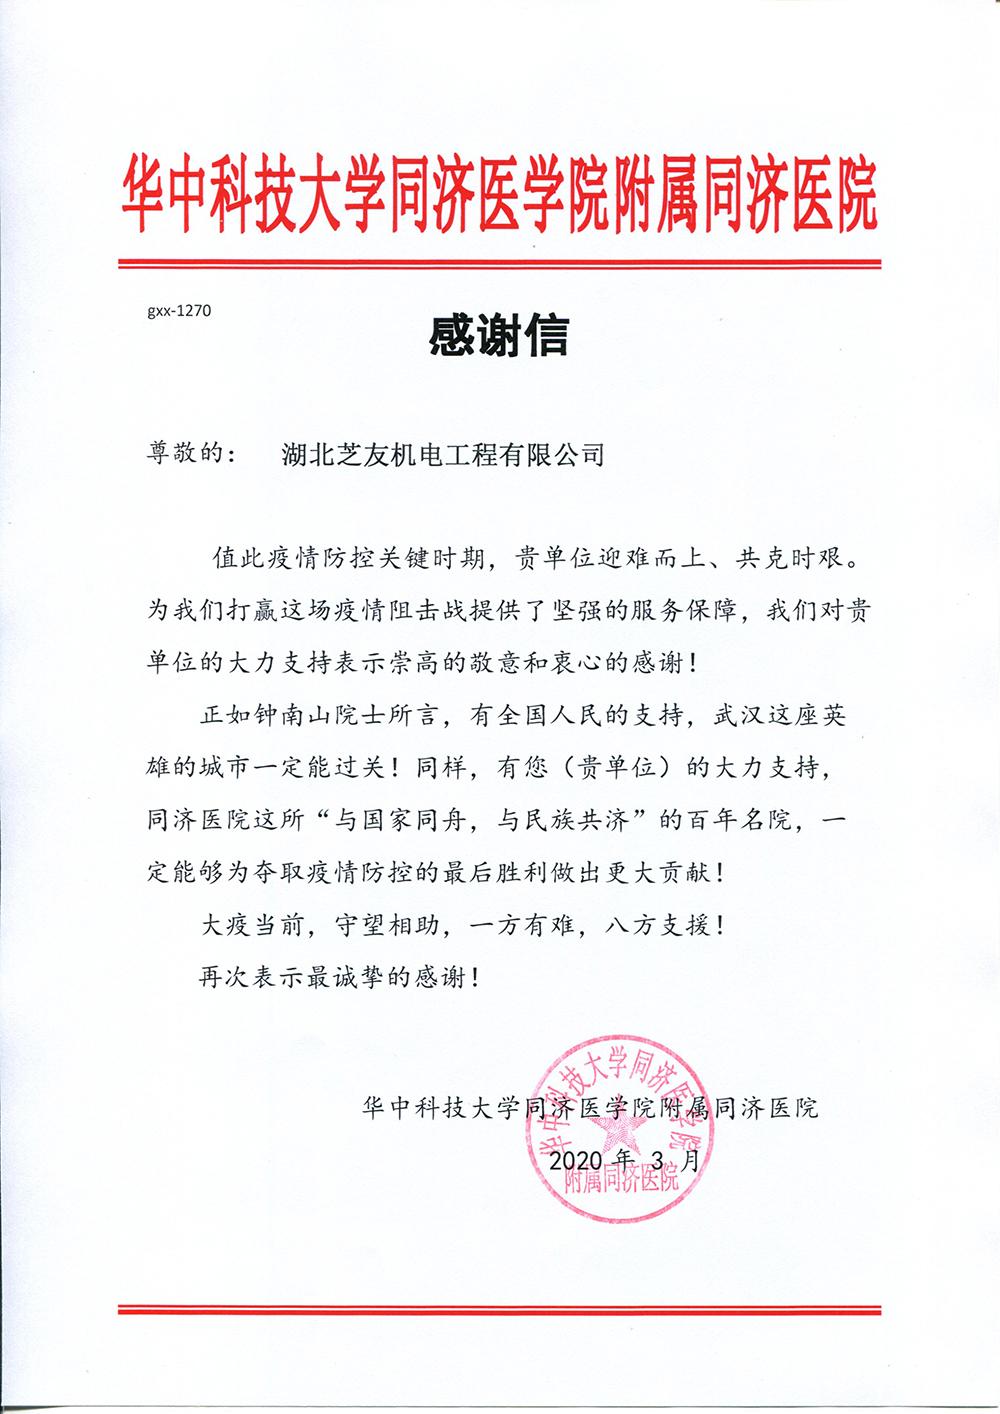 華中技大學同濟醫學院附屠同濟醫院表揚信